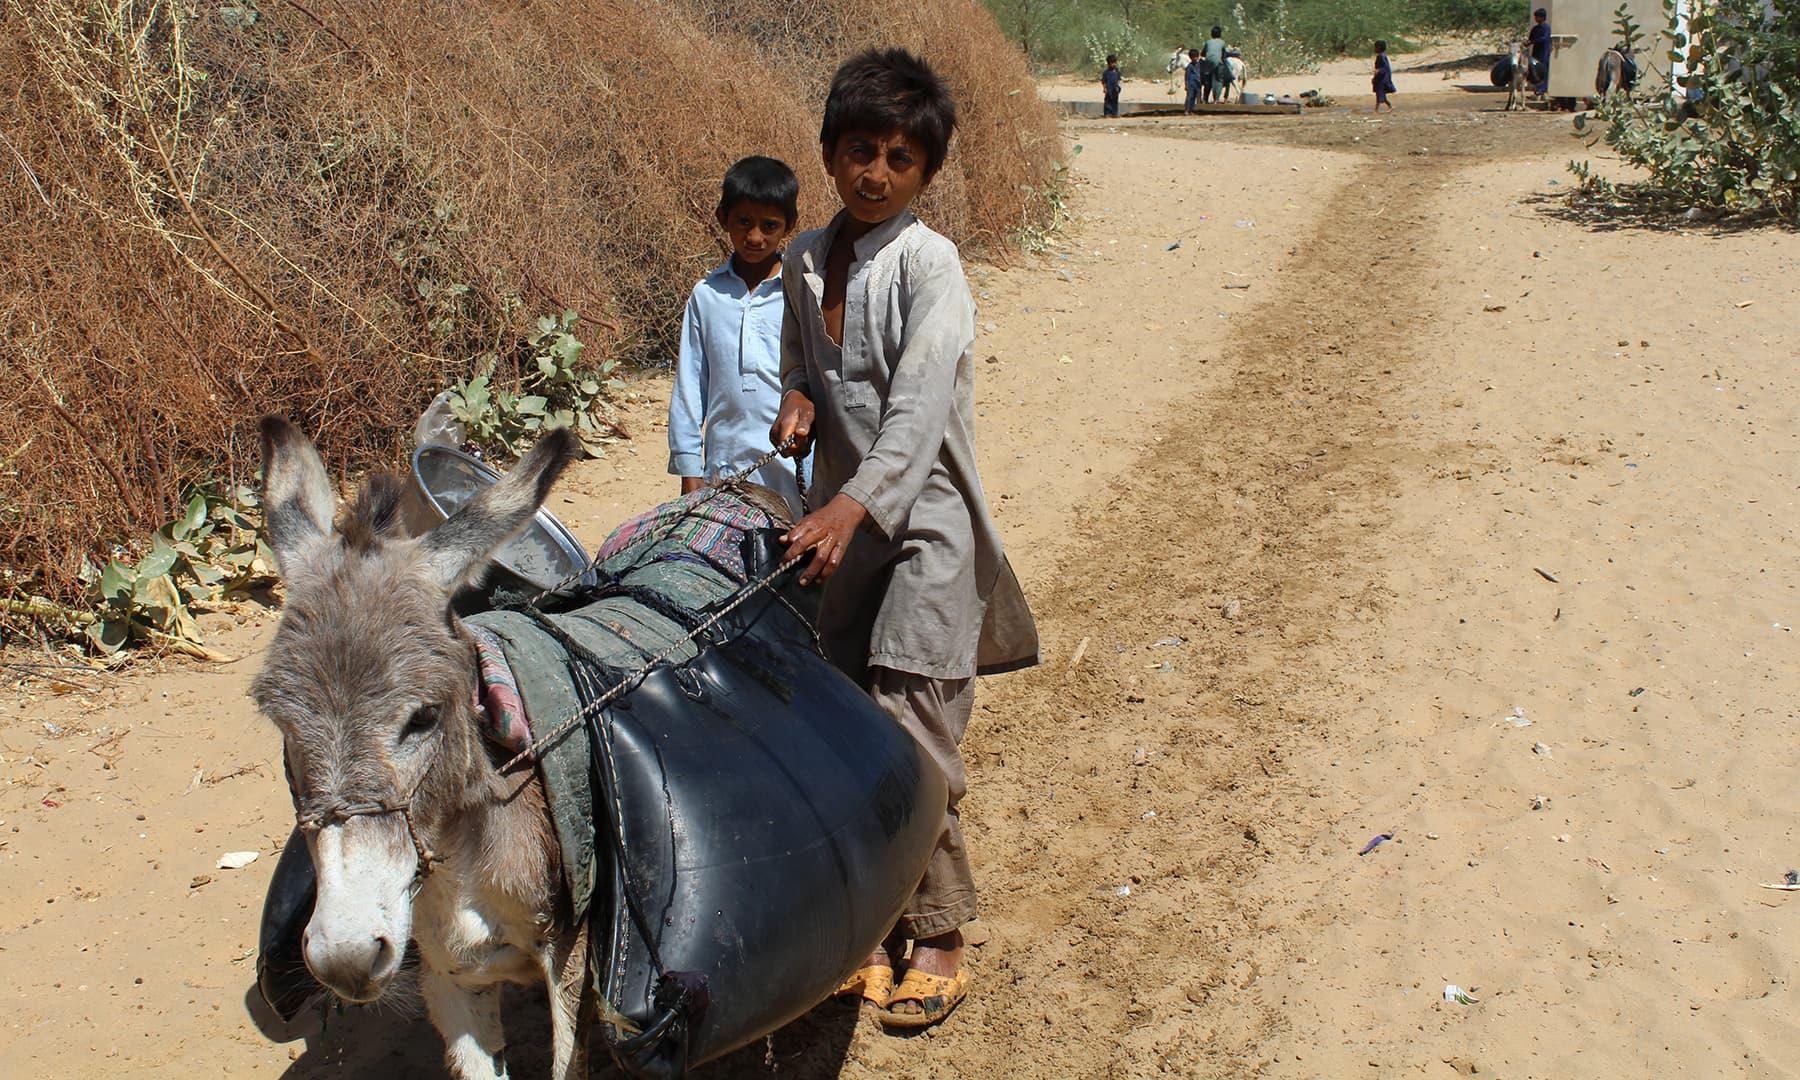 تھر میں چھوٹے بچے پانی گدھوں پر لاد کر اپنے گھروں کی طرف لے جا رہے ہیں۔— فوٹو اختر حفیظ۔